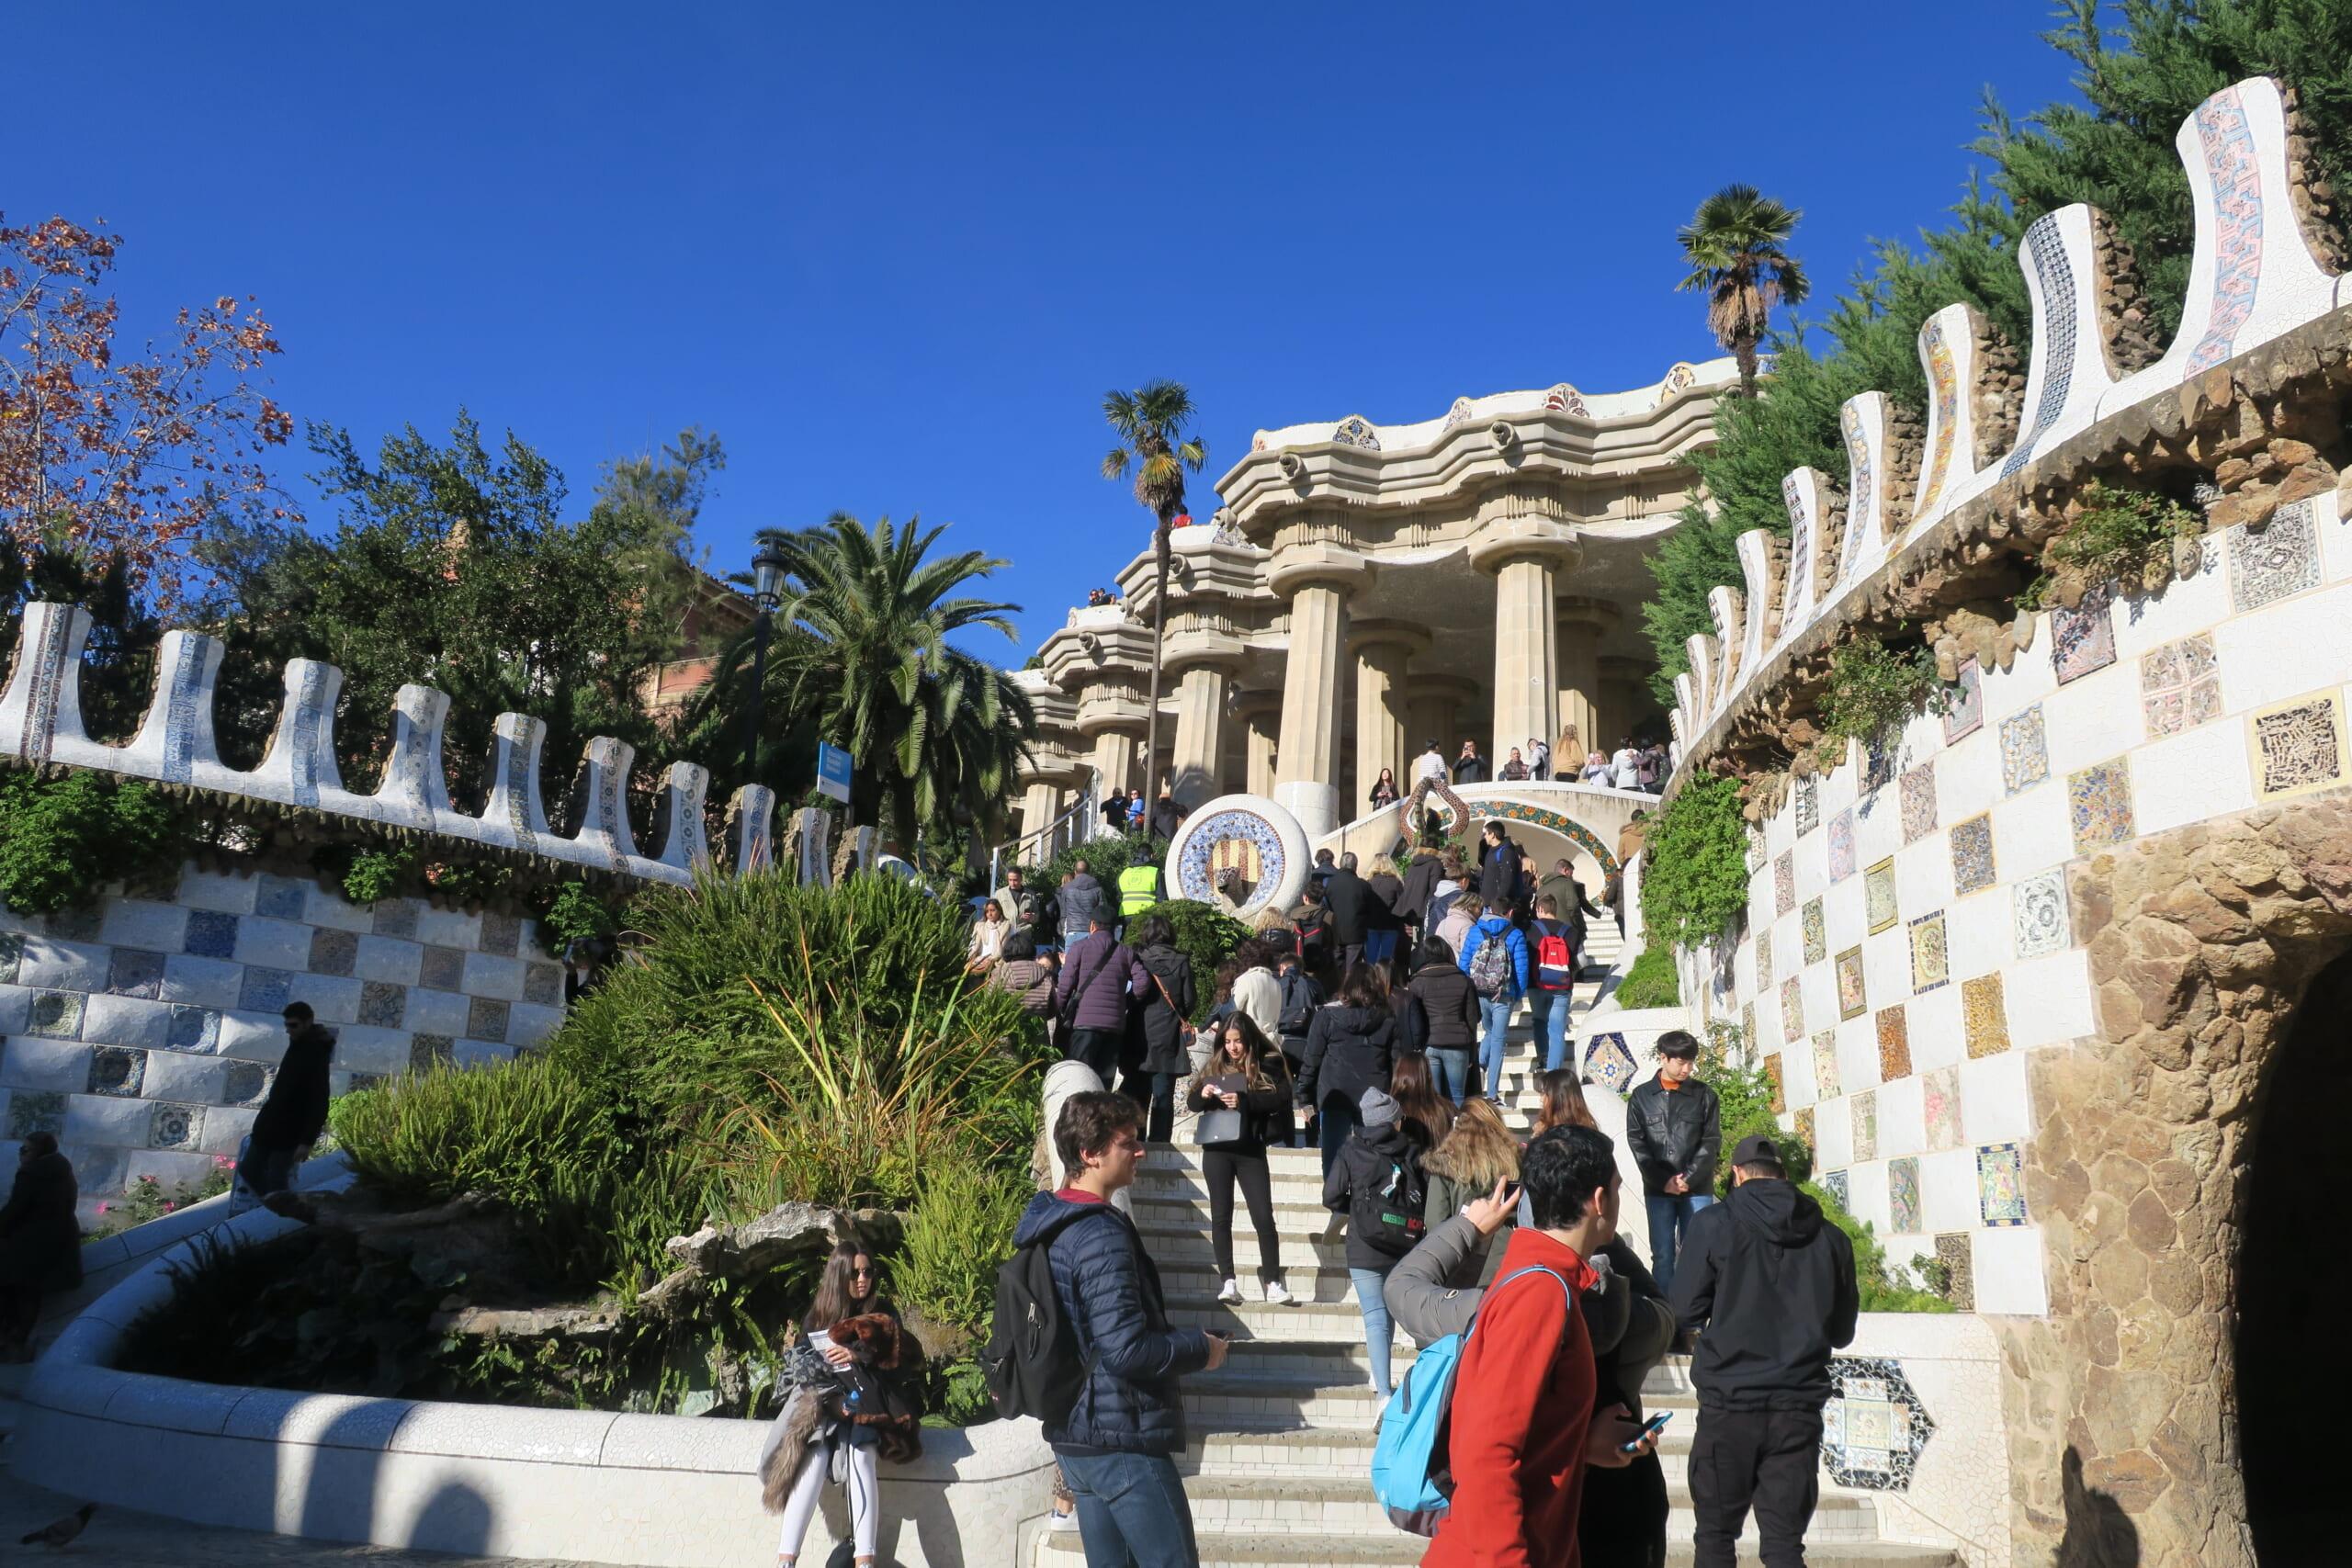 北スペインのガウディ建築